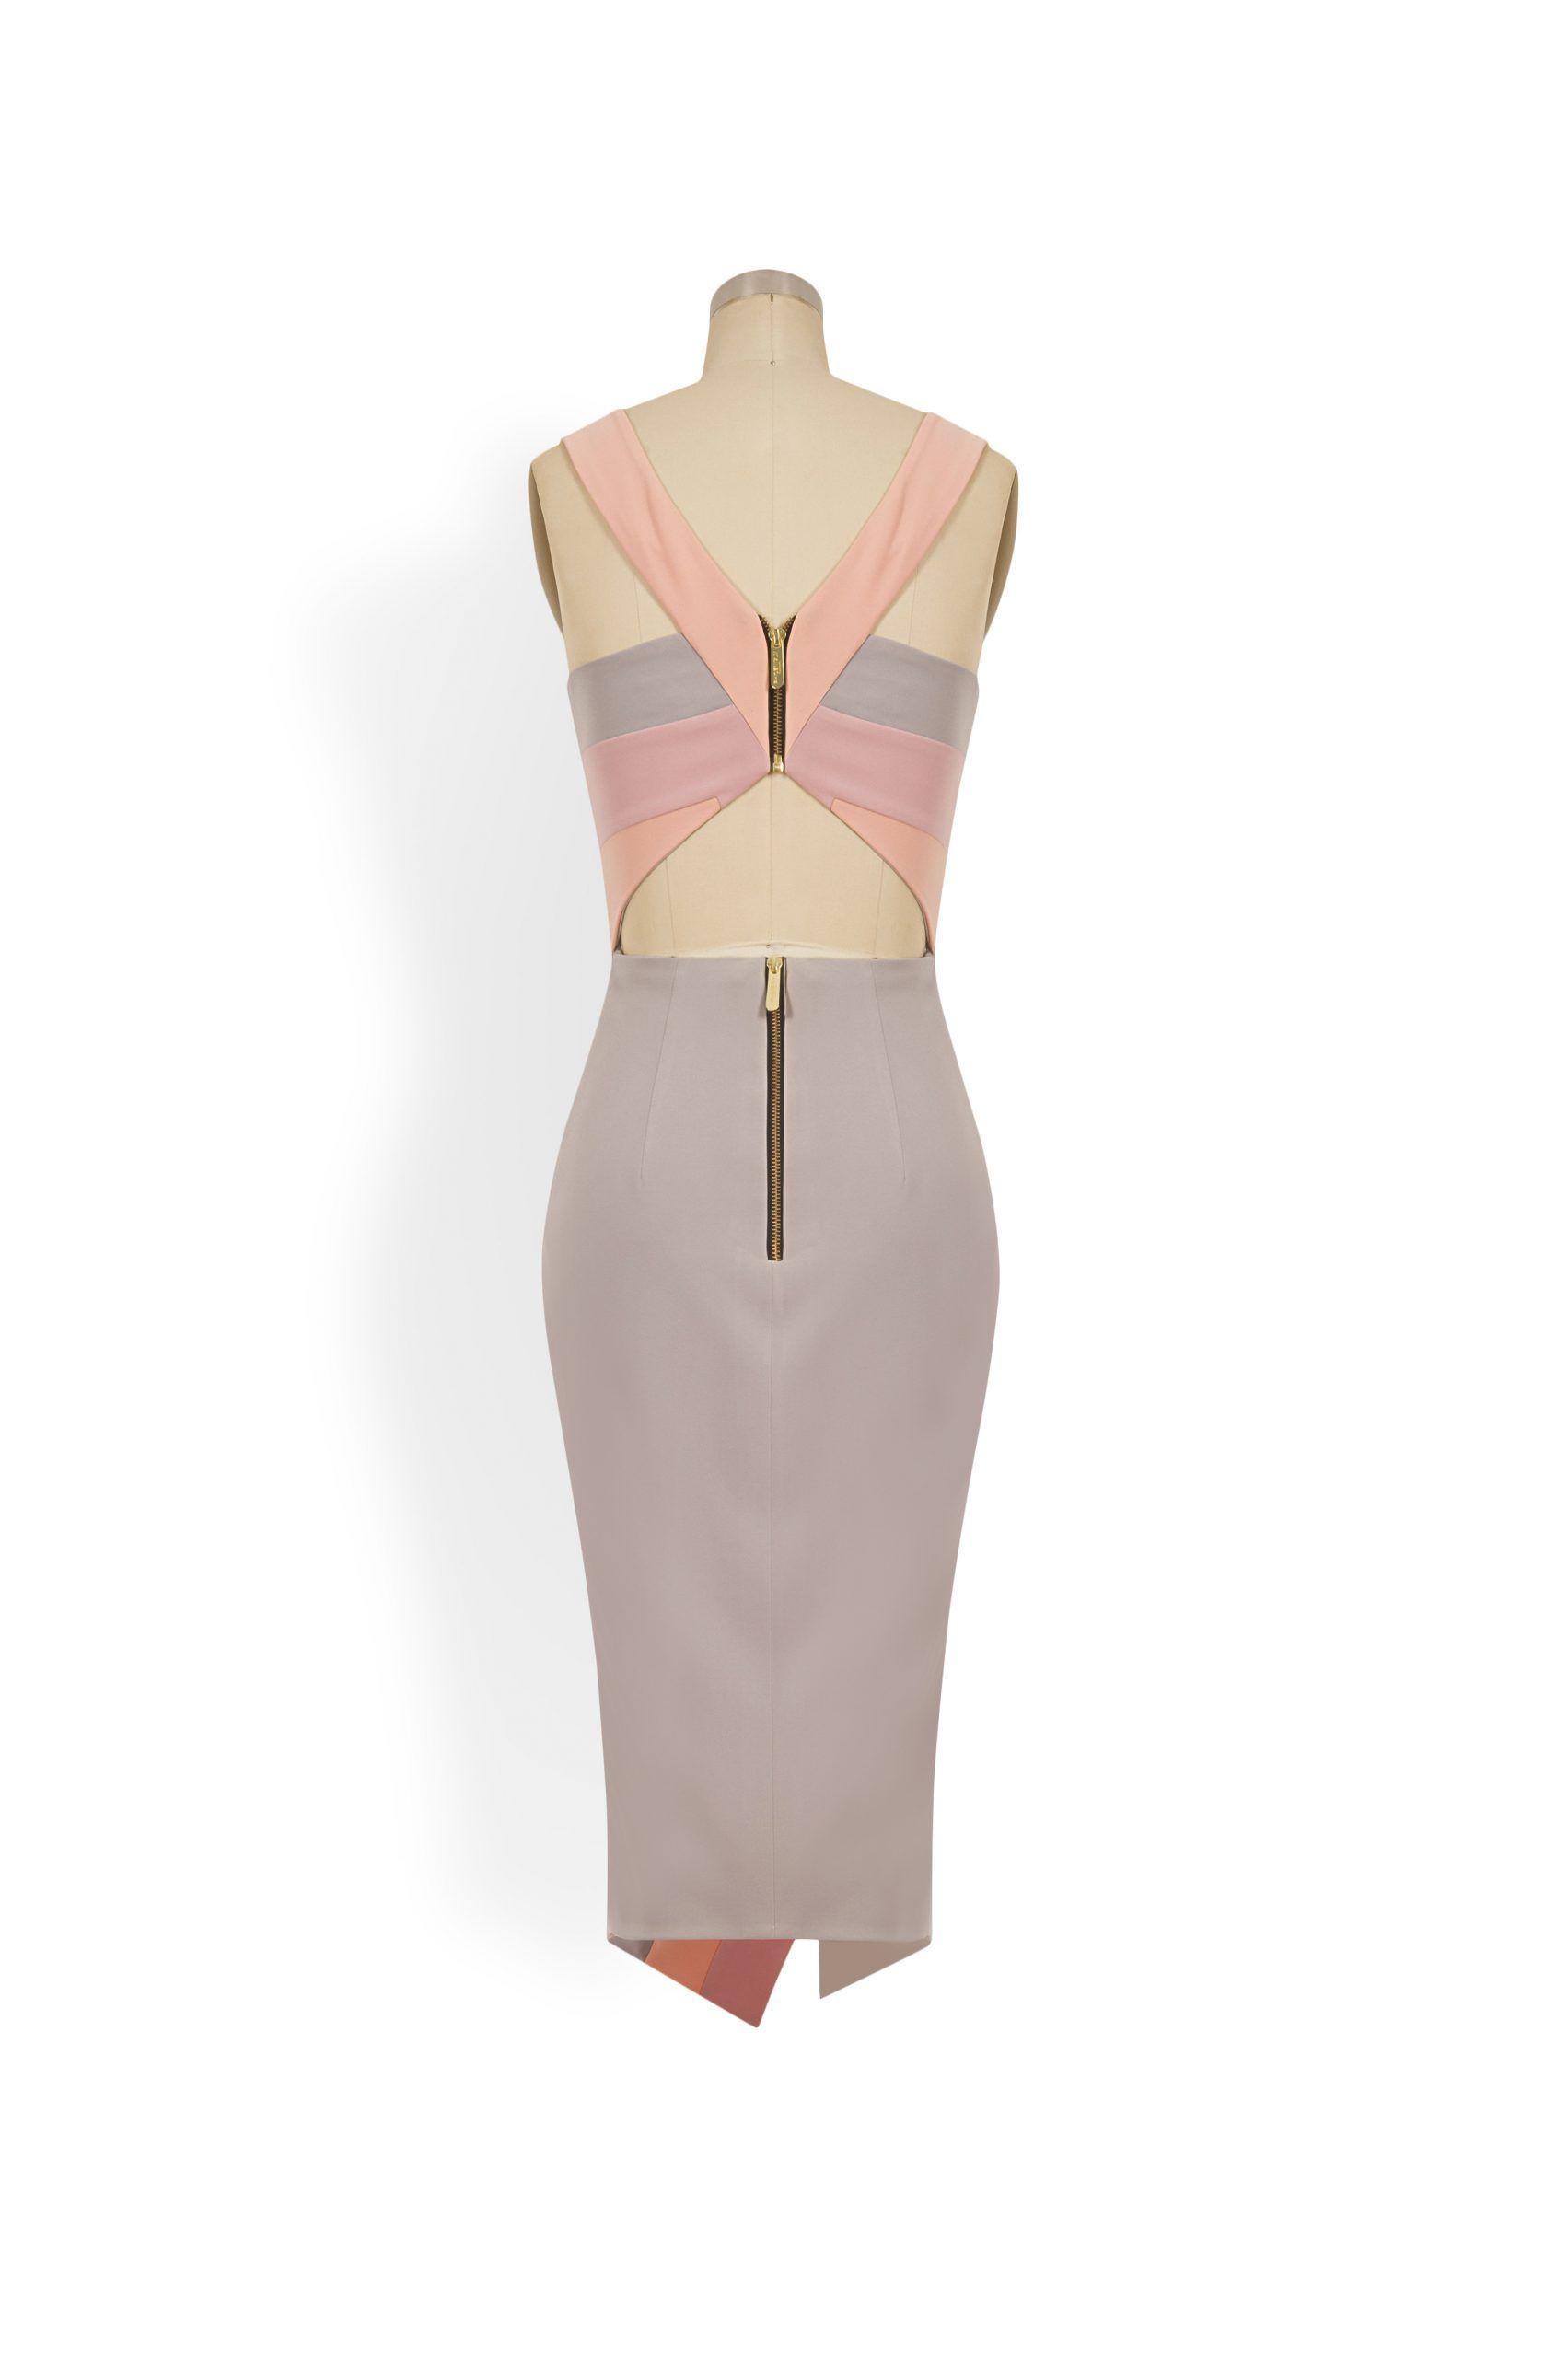 Phoenix V Kaati pencil occasion dress, rear view